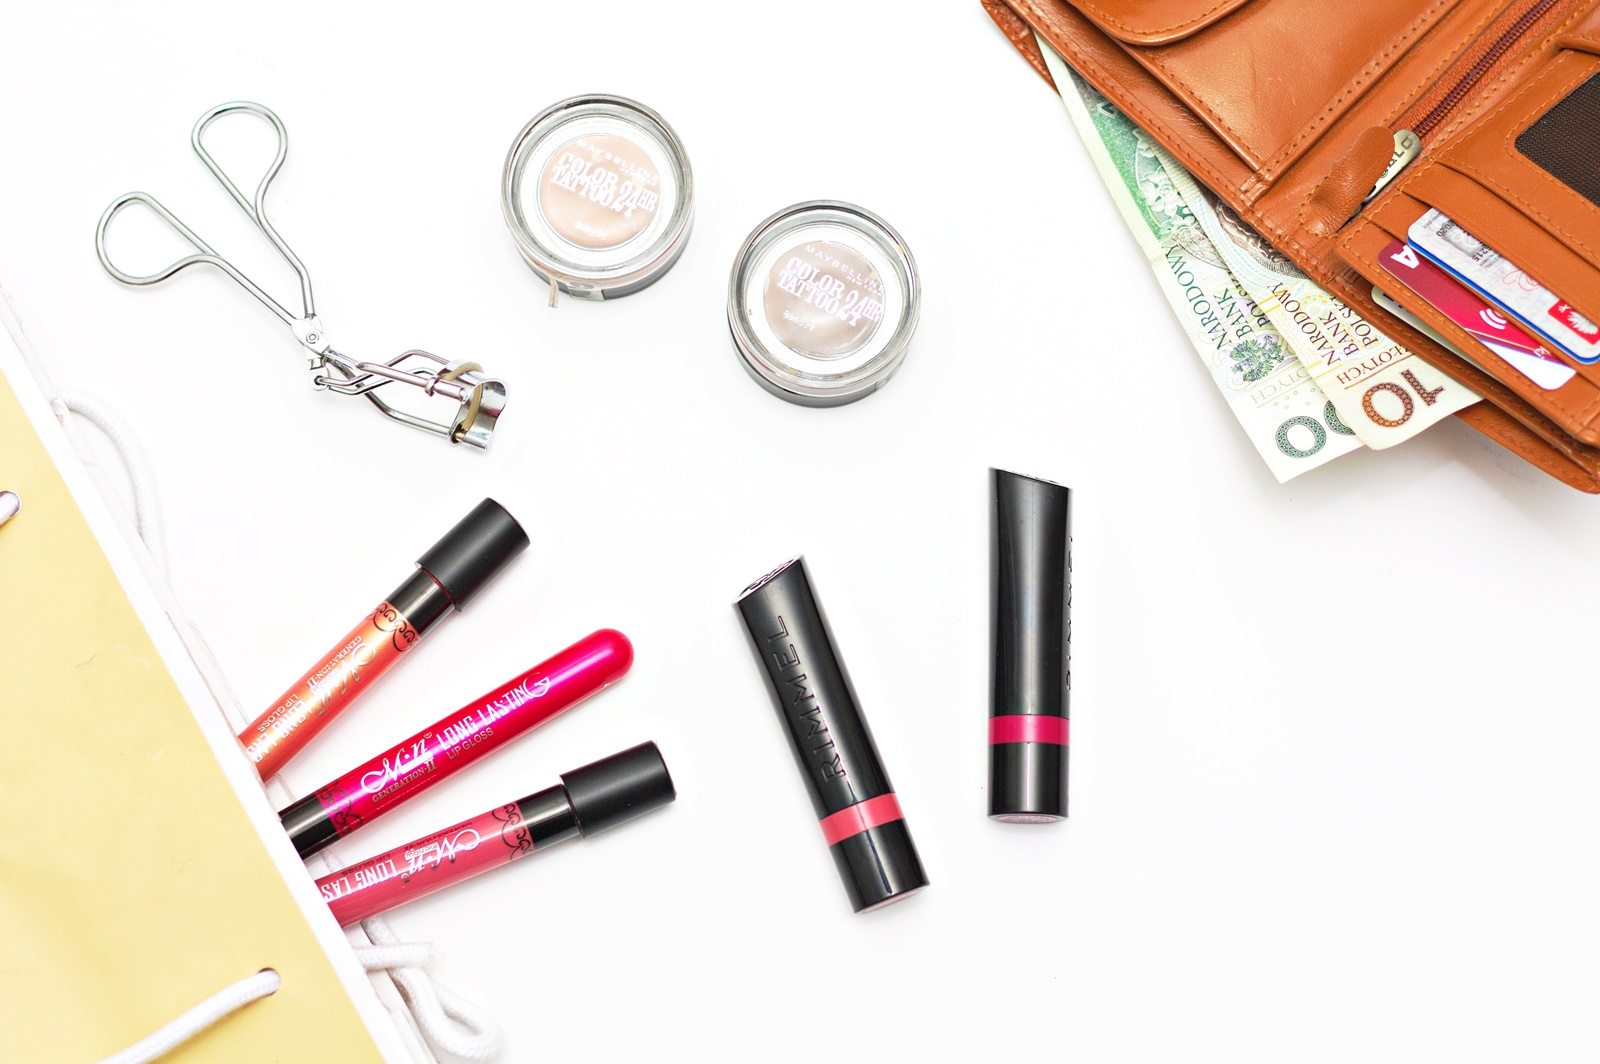 Jak z głową kupować kosmetyki?